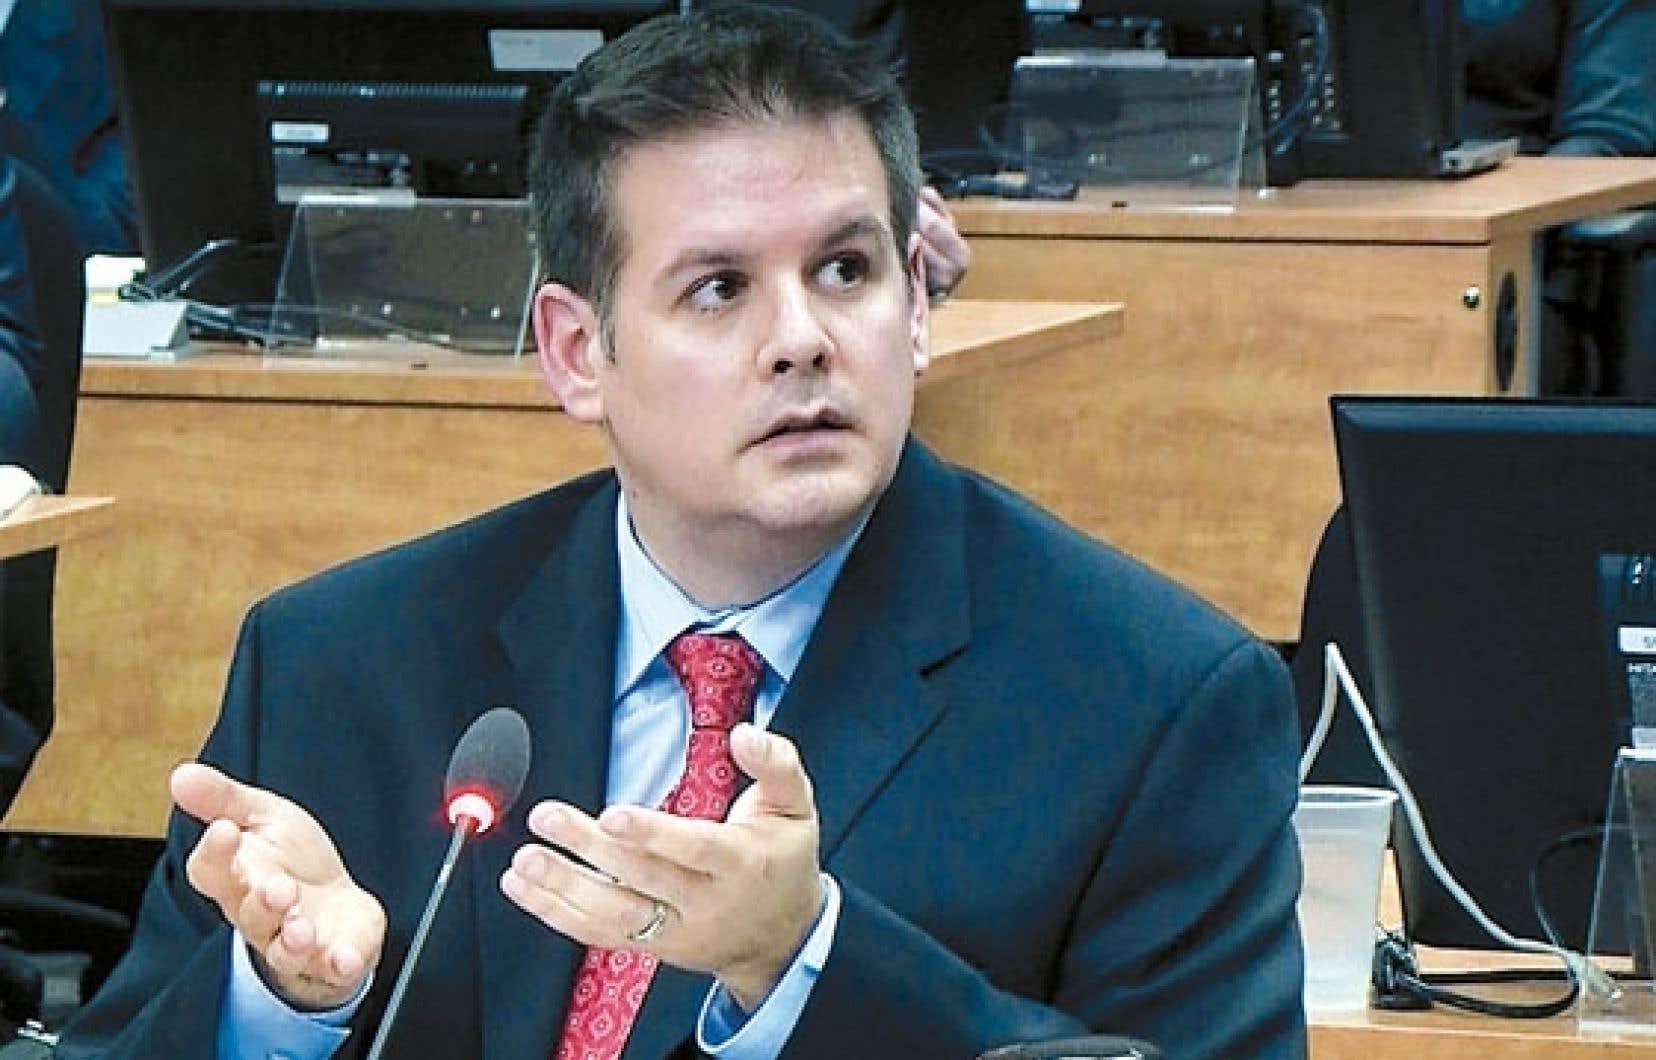 Martin Dumont, ancien organisateur du parti Union Montréal, a de nouveau témoigné devant la commission Charbonneau hier.